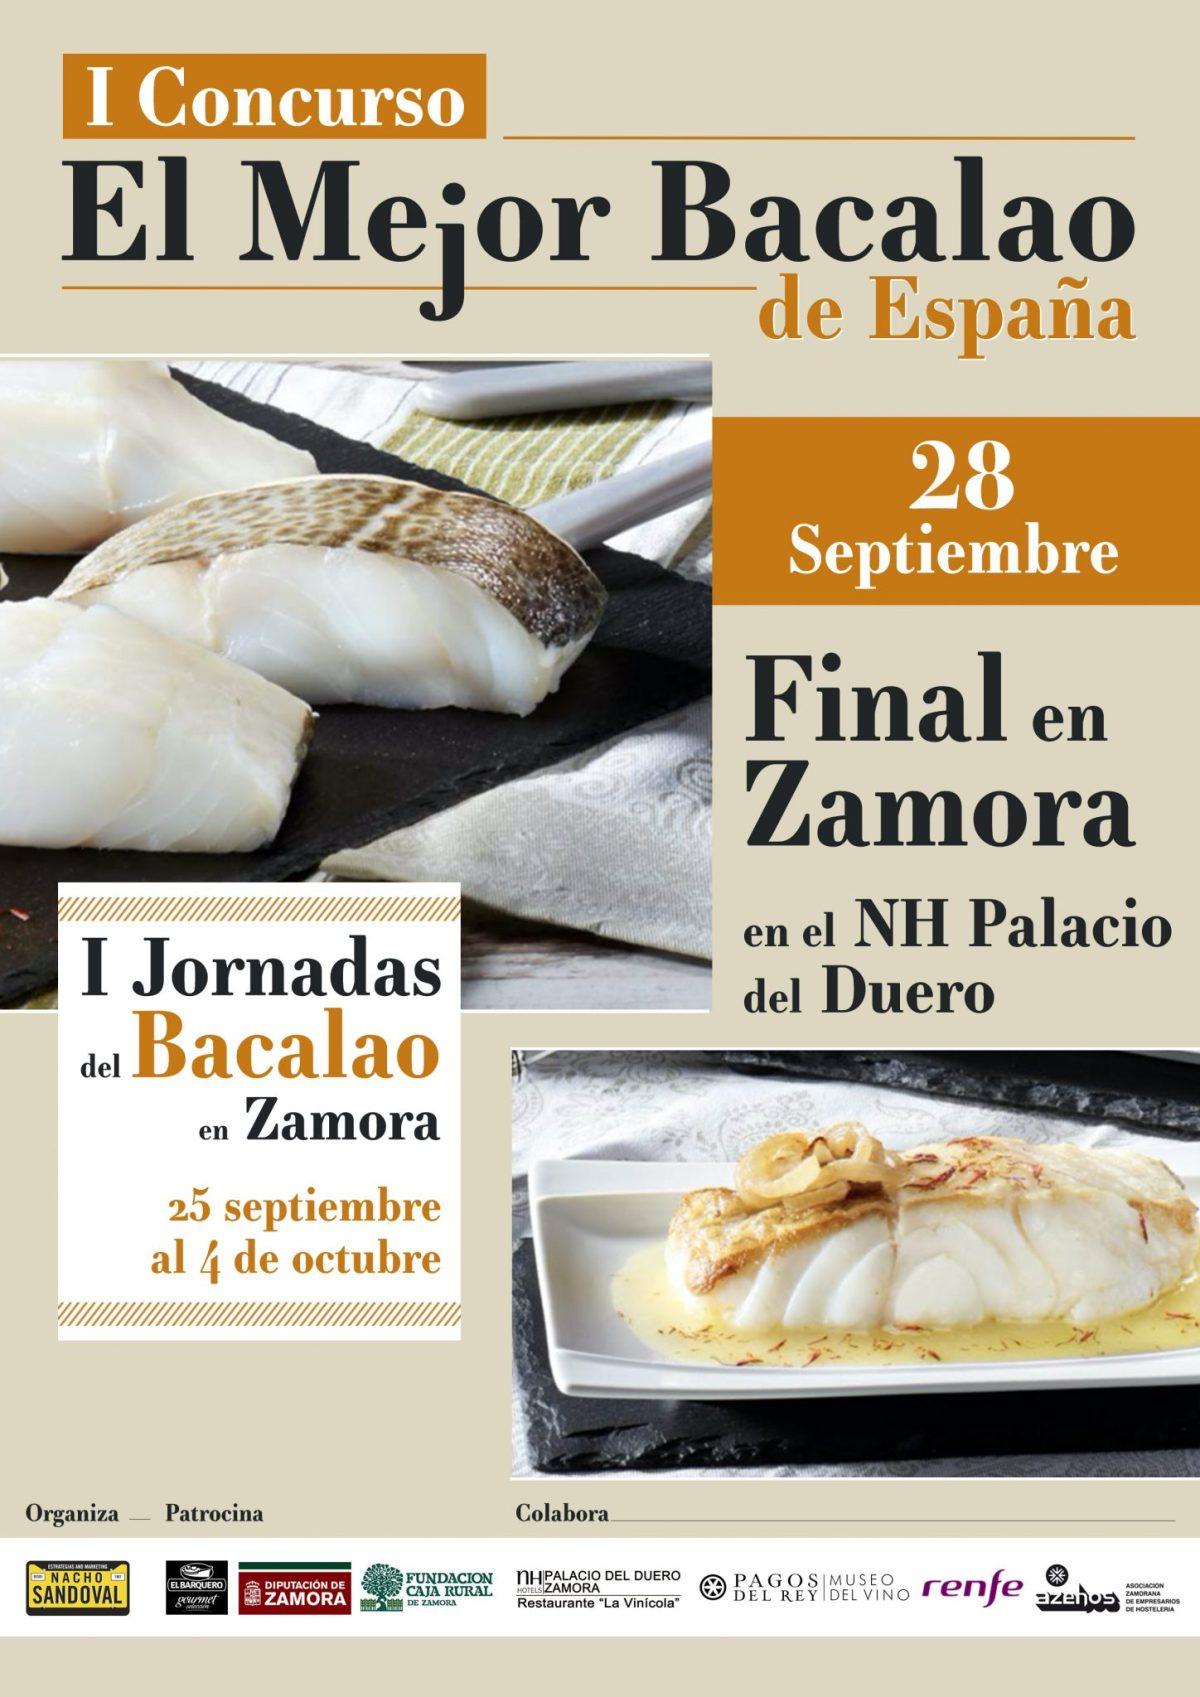 El mejor Bacalao de España